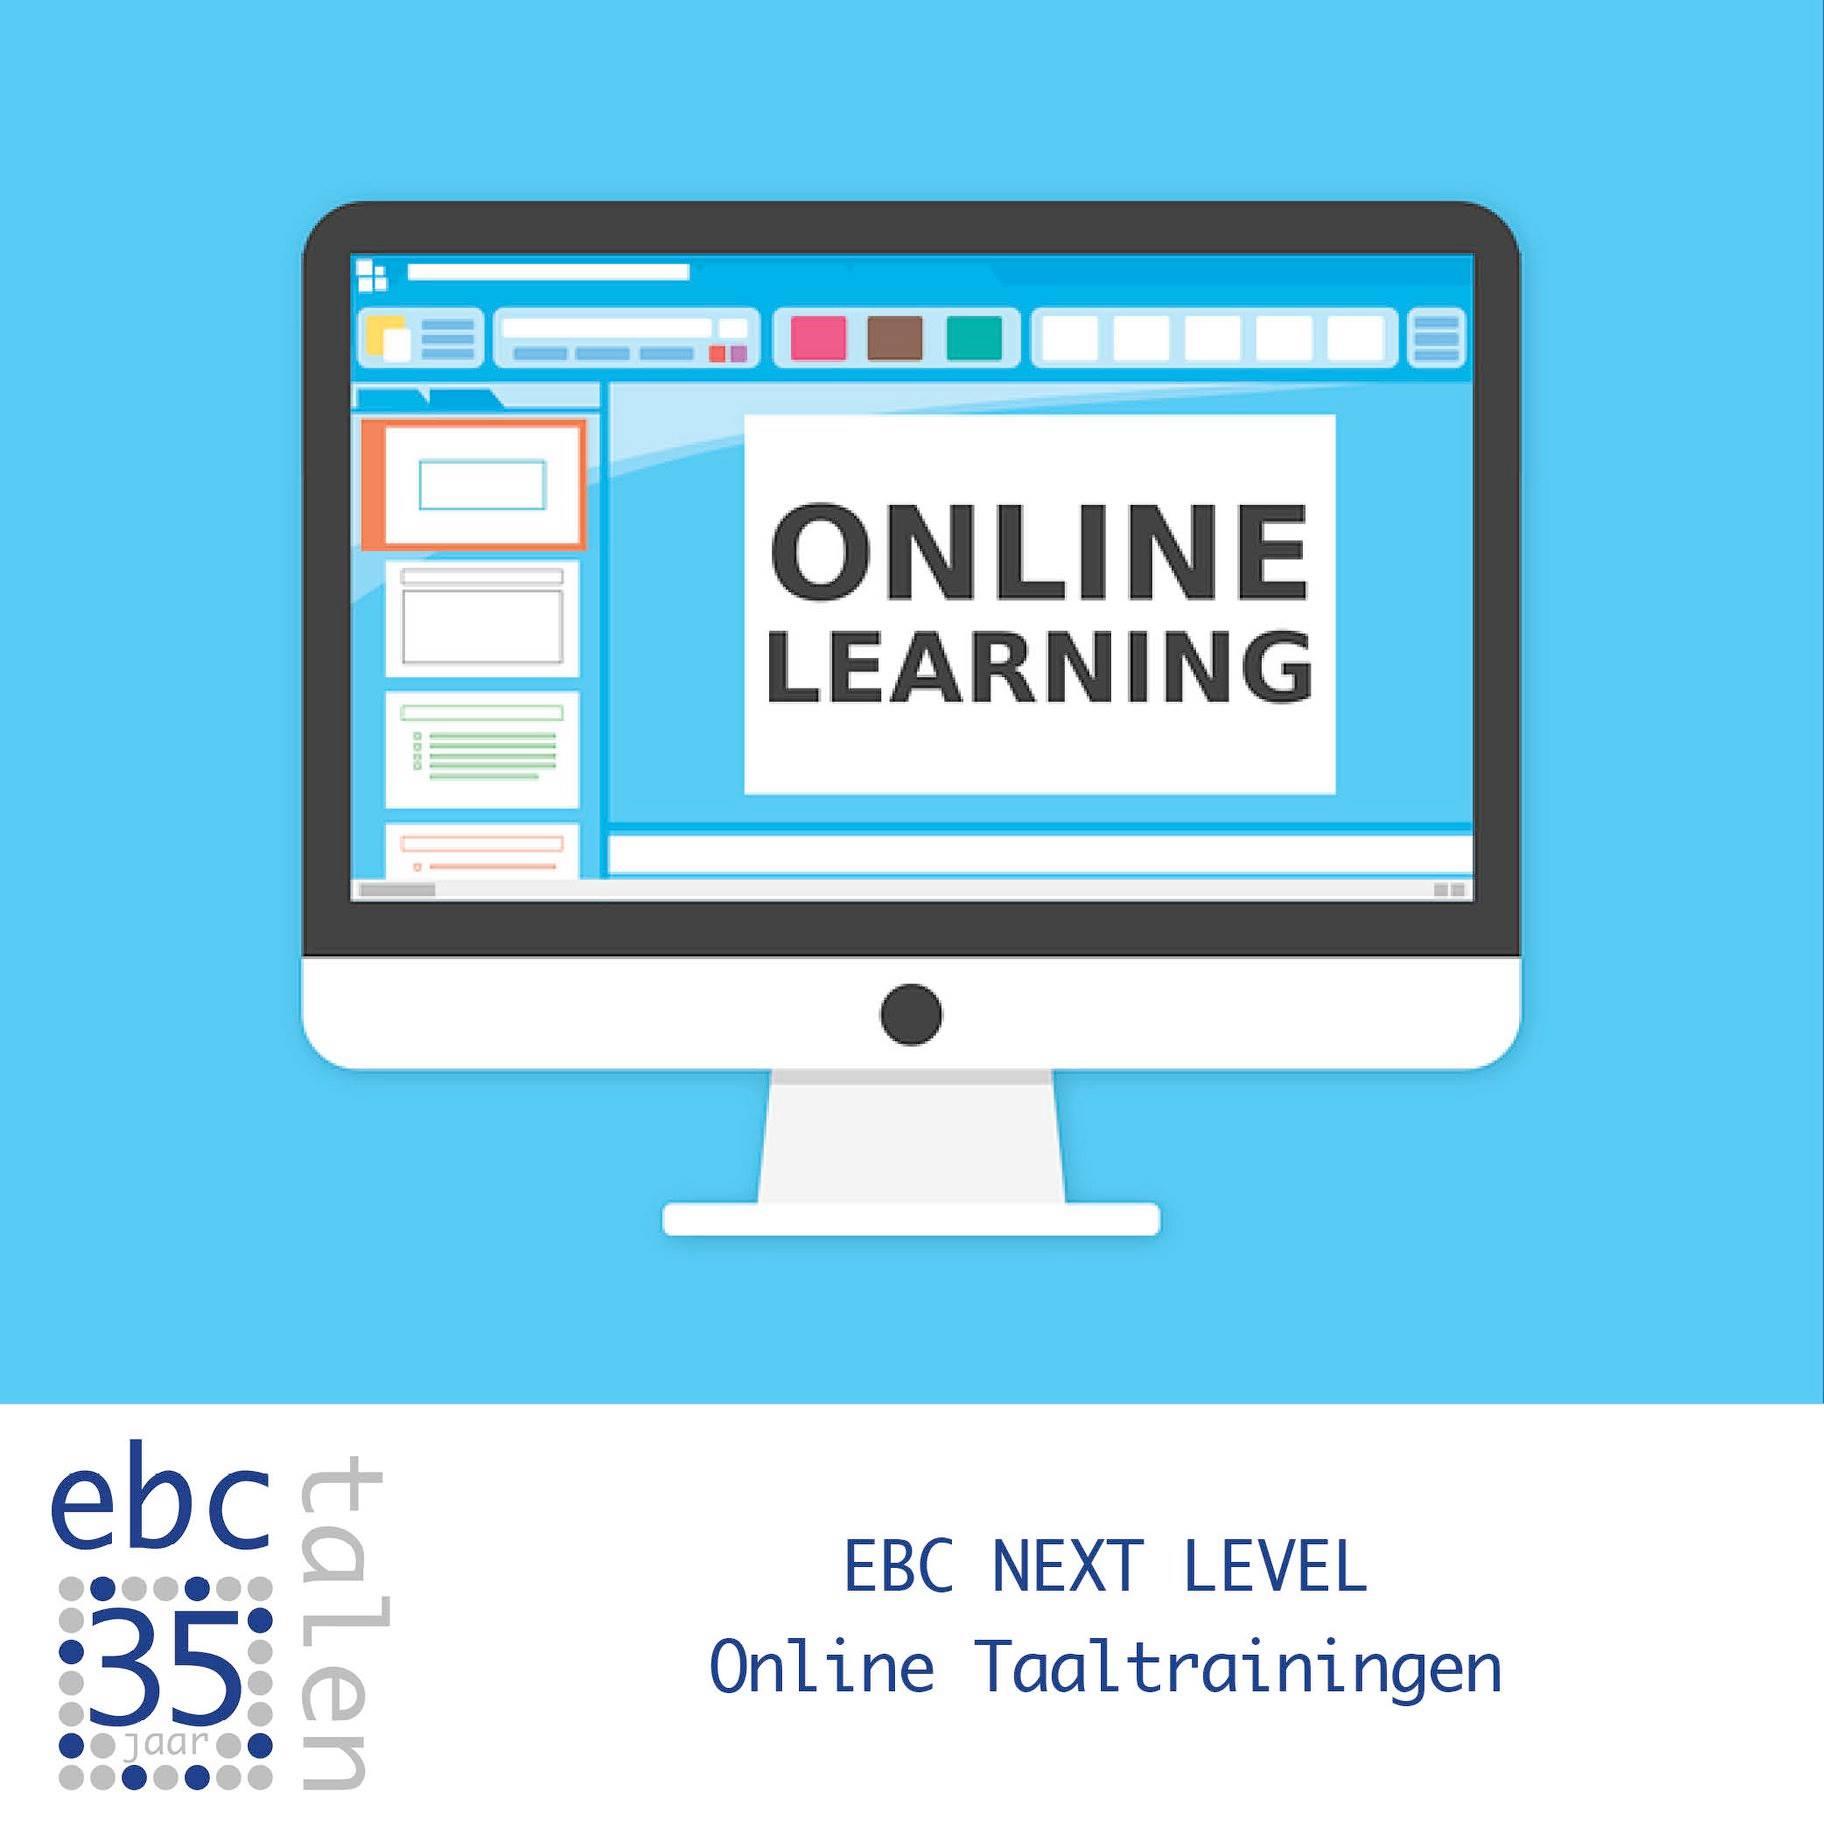 Next level online taaltrainingen!